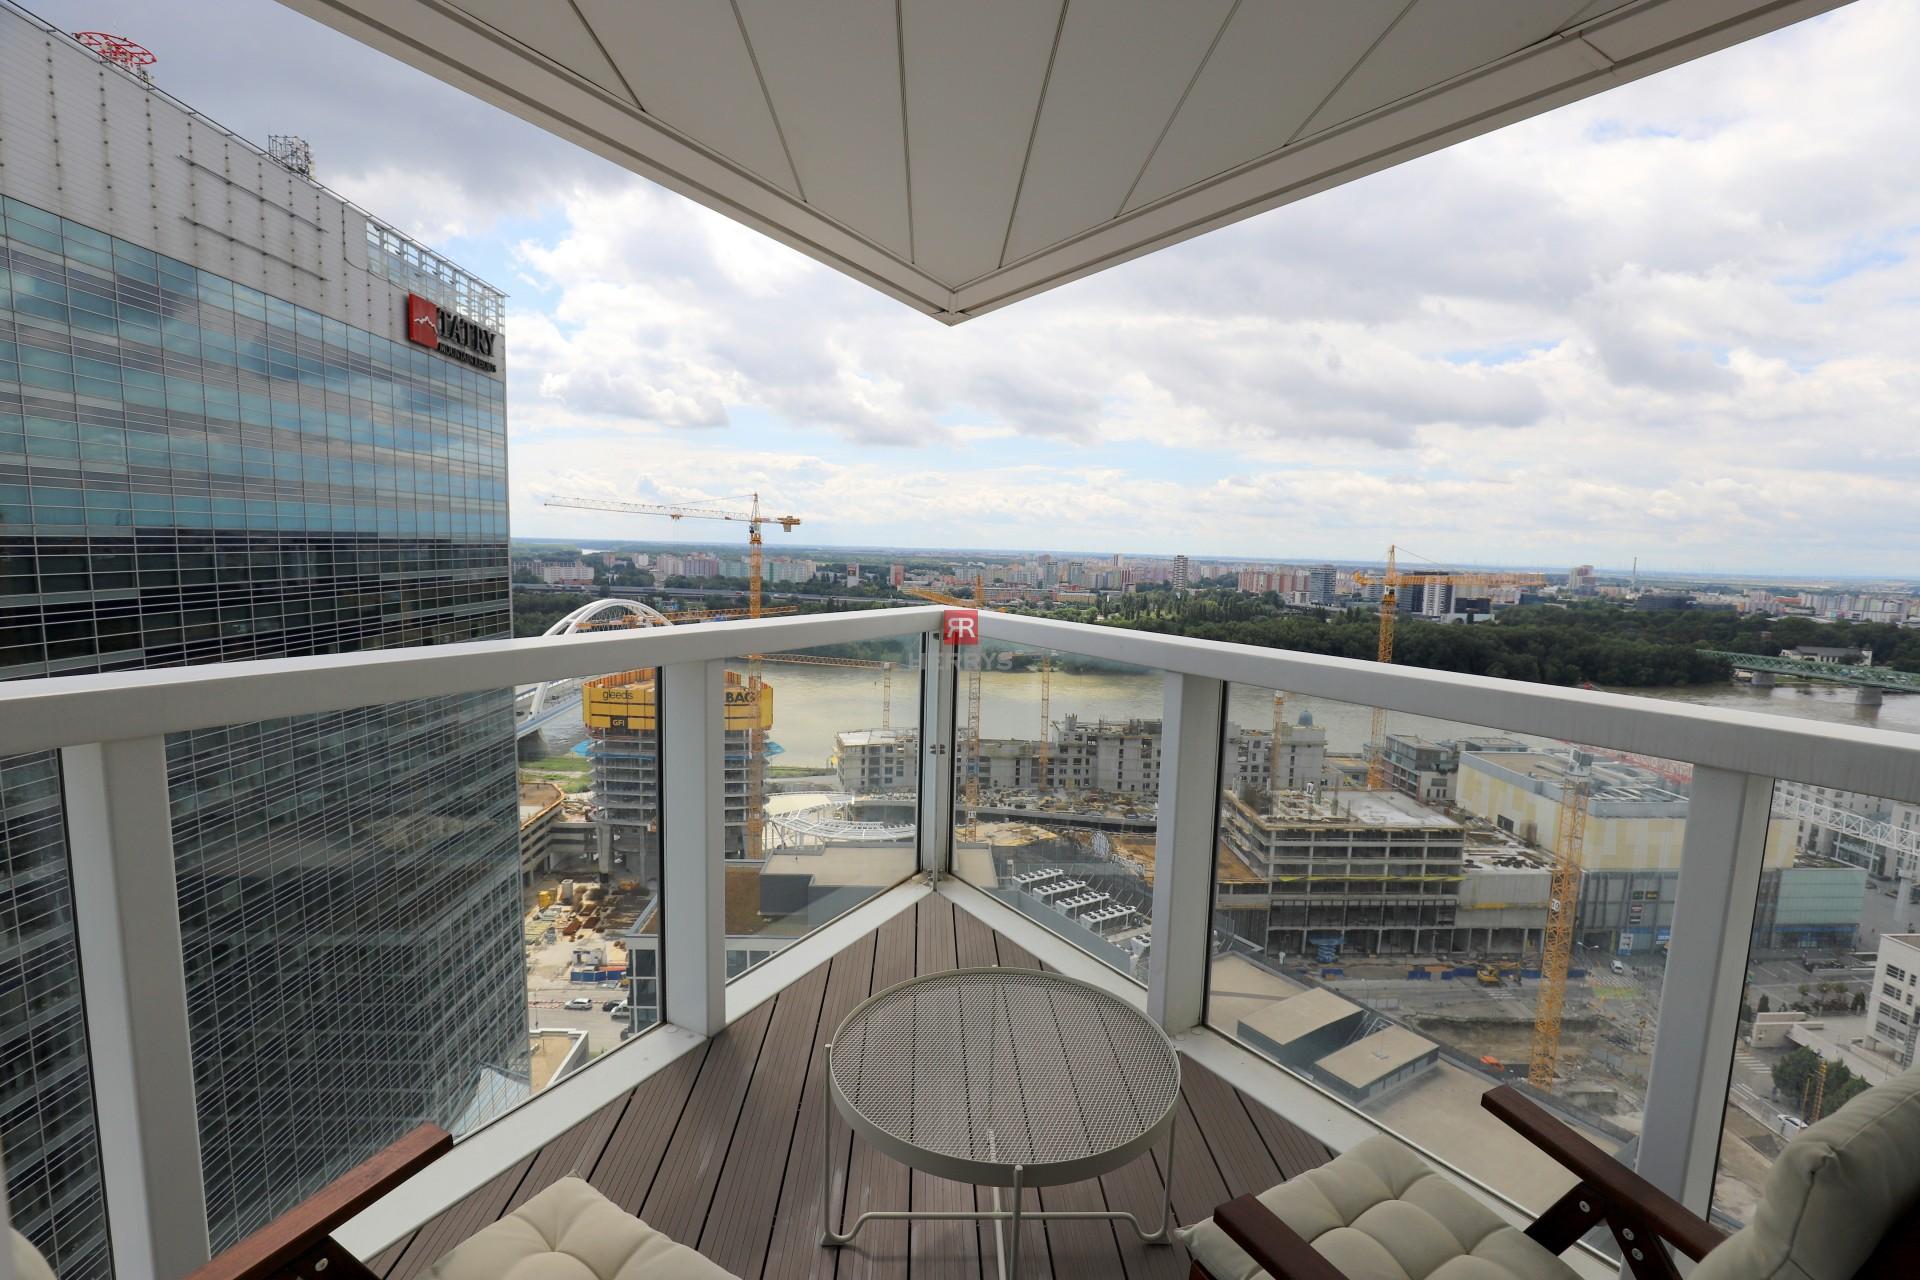 Prenájom - 4 izbový byt v Panorama City s krásnym výhľadom z 26. poschodia na Staré Mesto a Dunaj